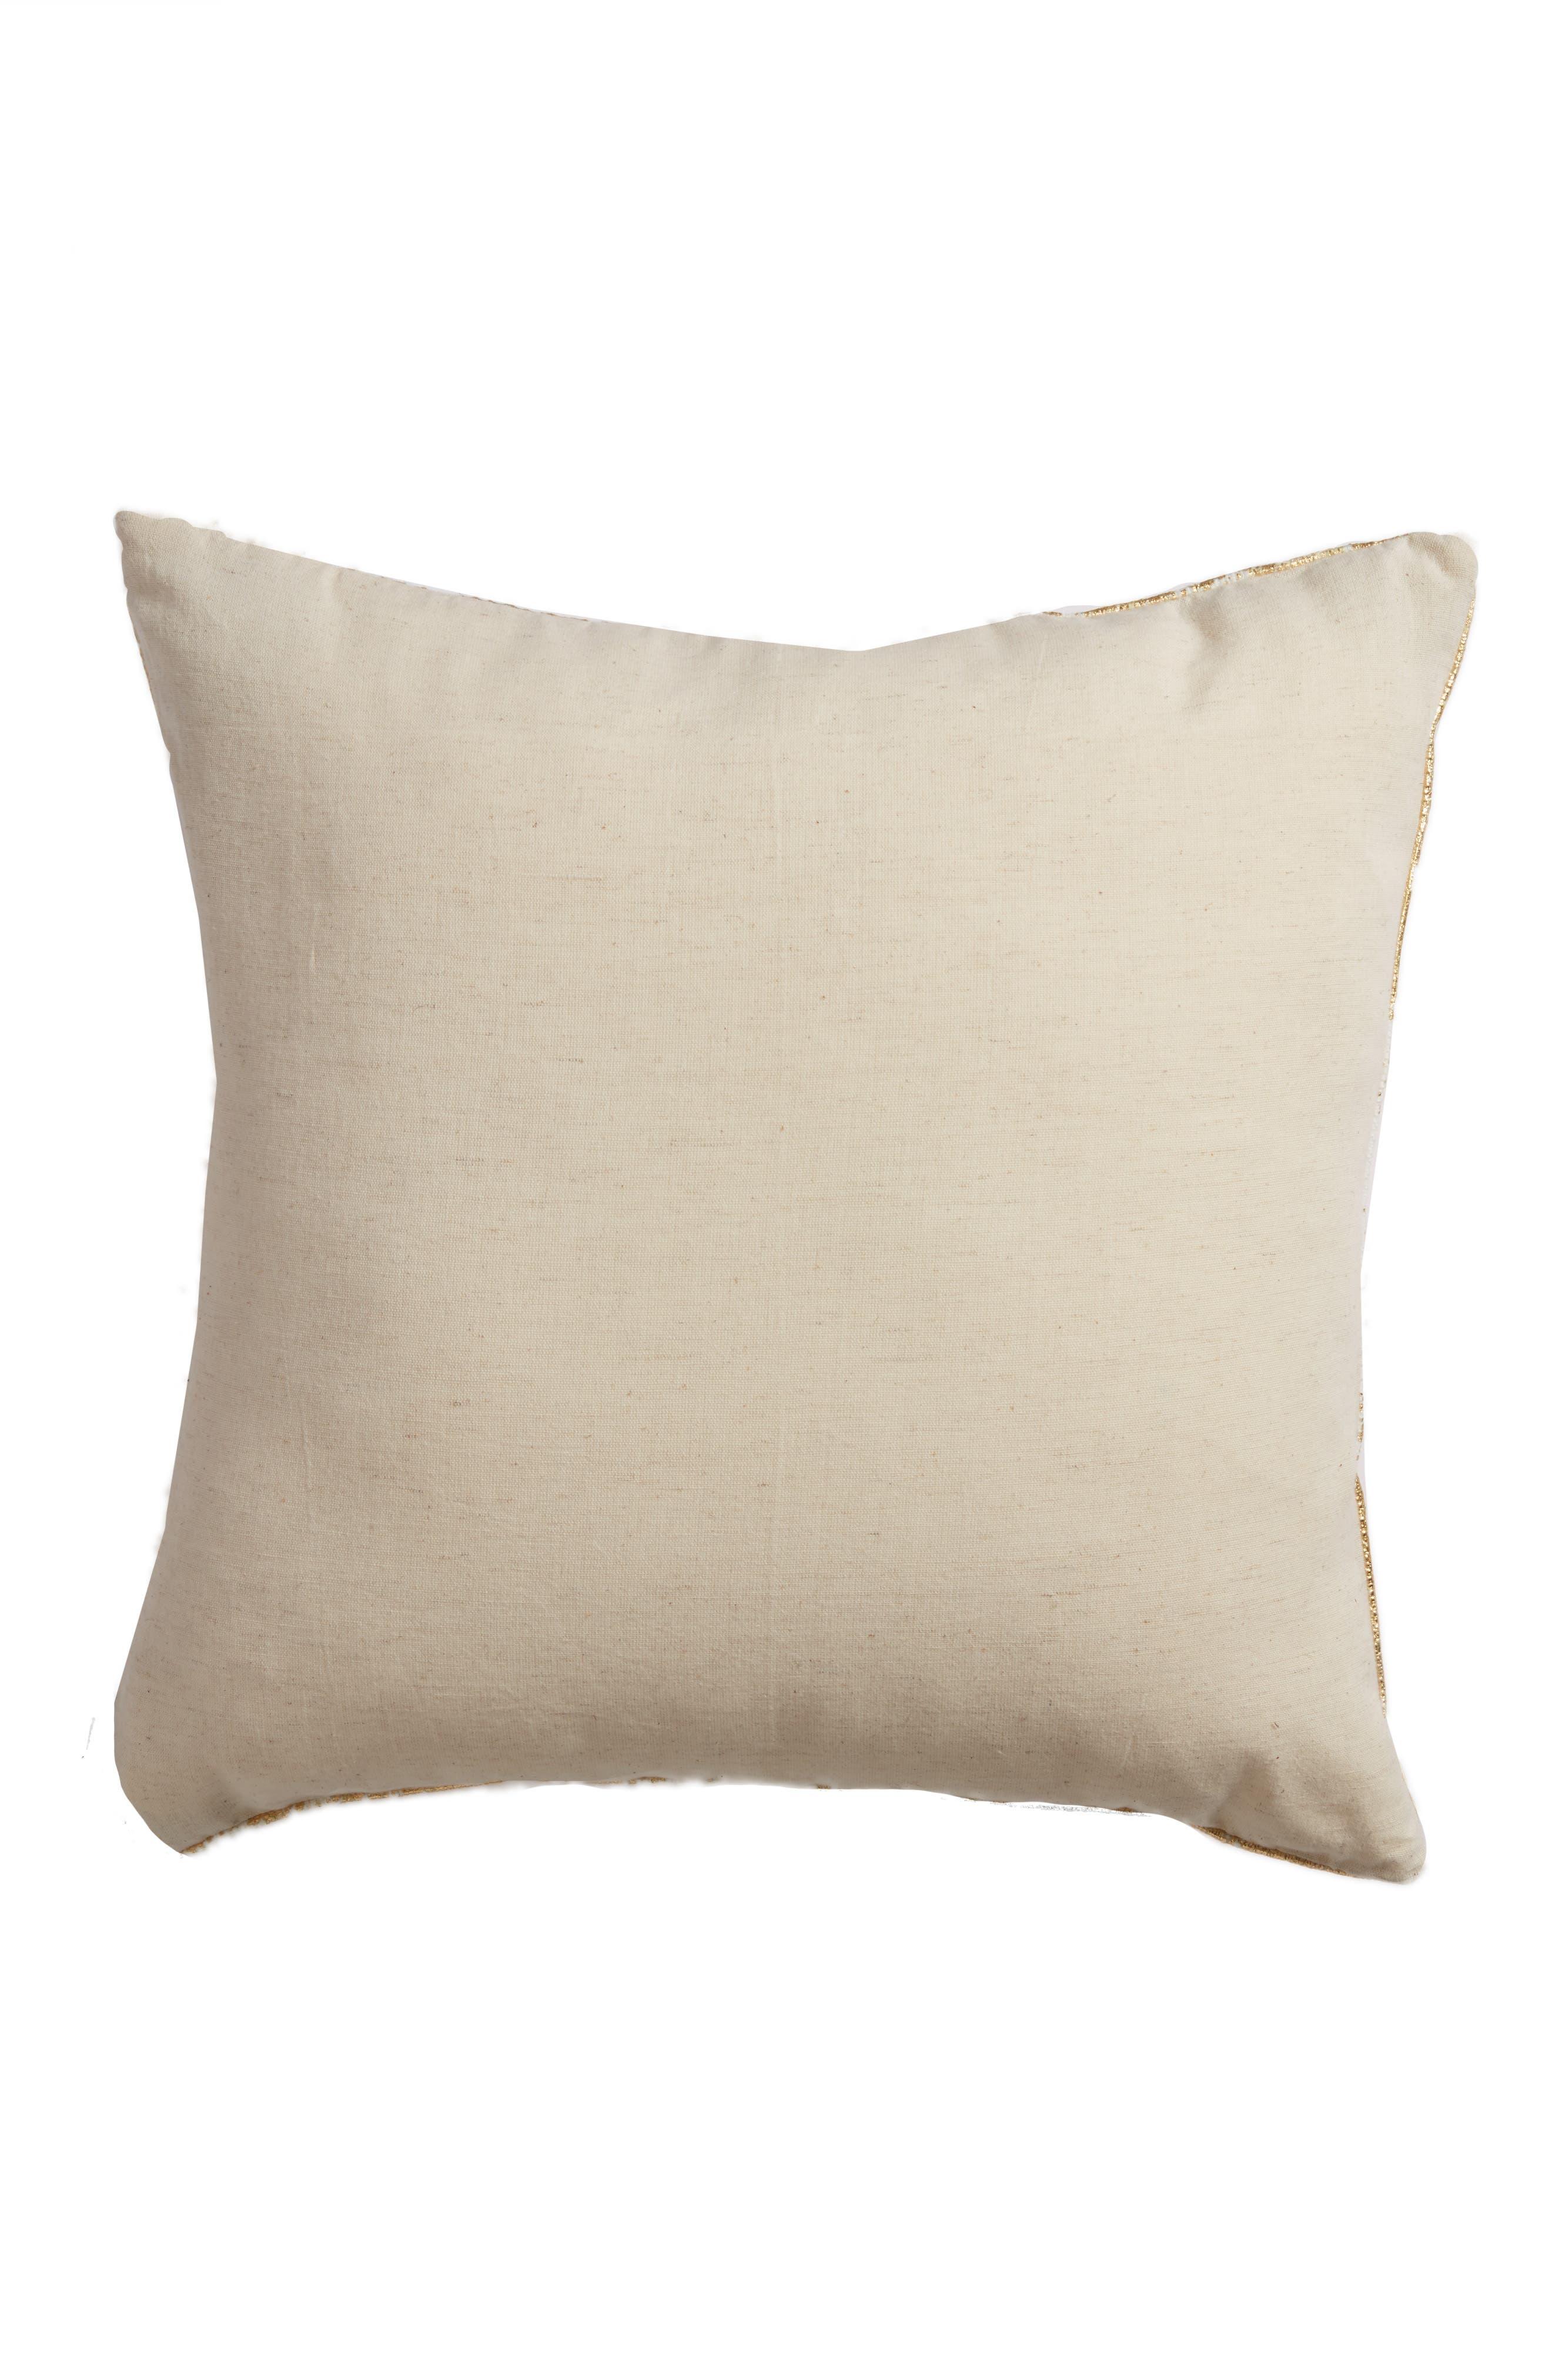 Foil Accent Pillow,                             Alternate thumbnail 2, color,                             900